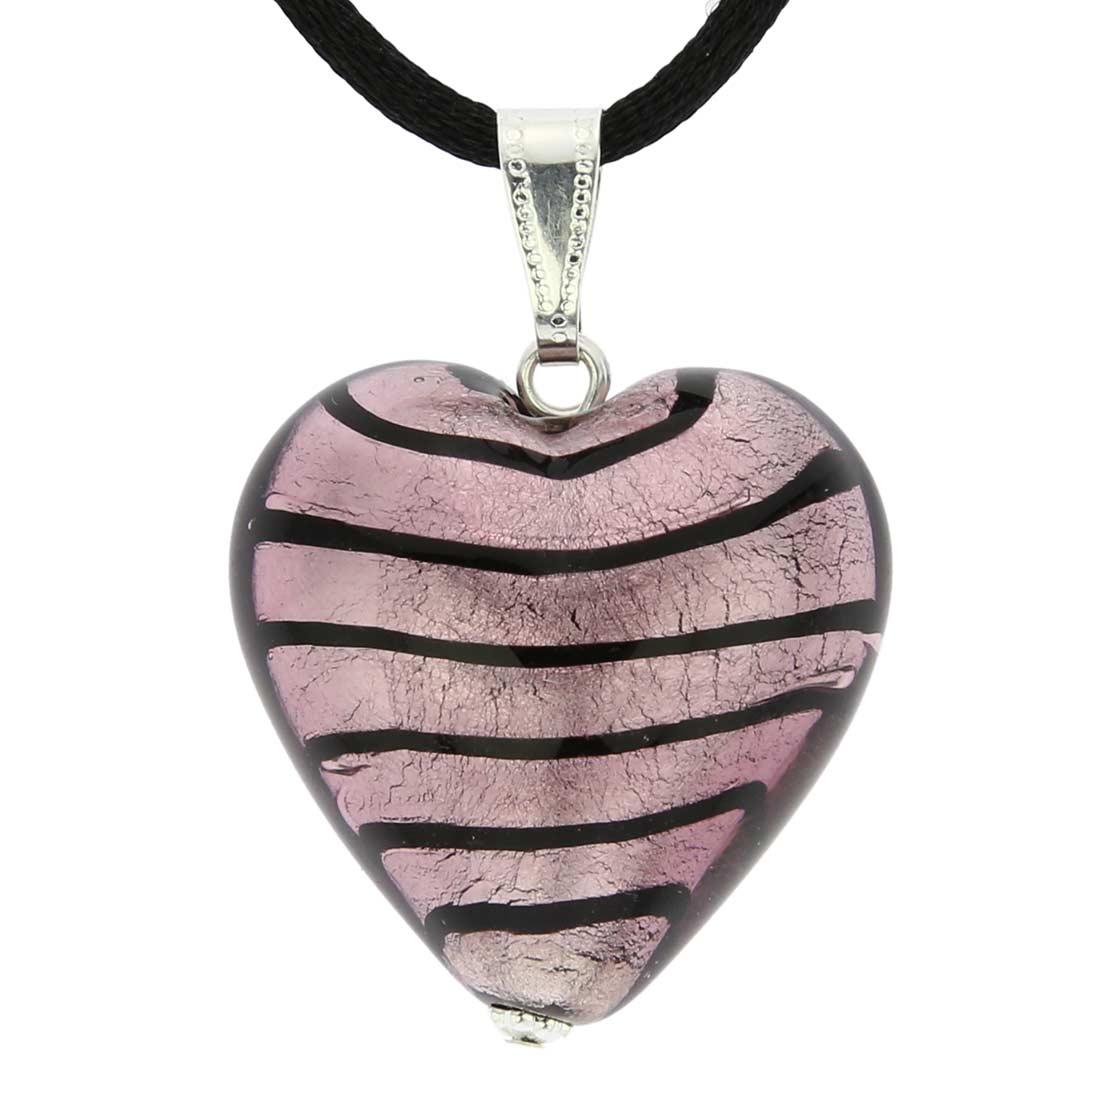 Murano Heart Pendant - Striped Silver Amethyst